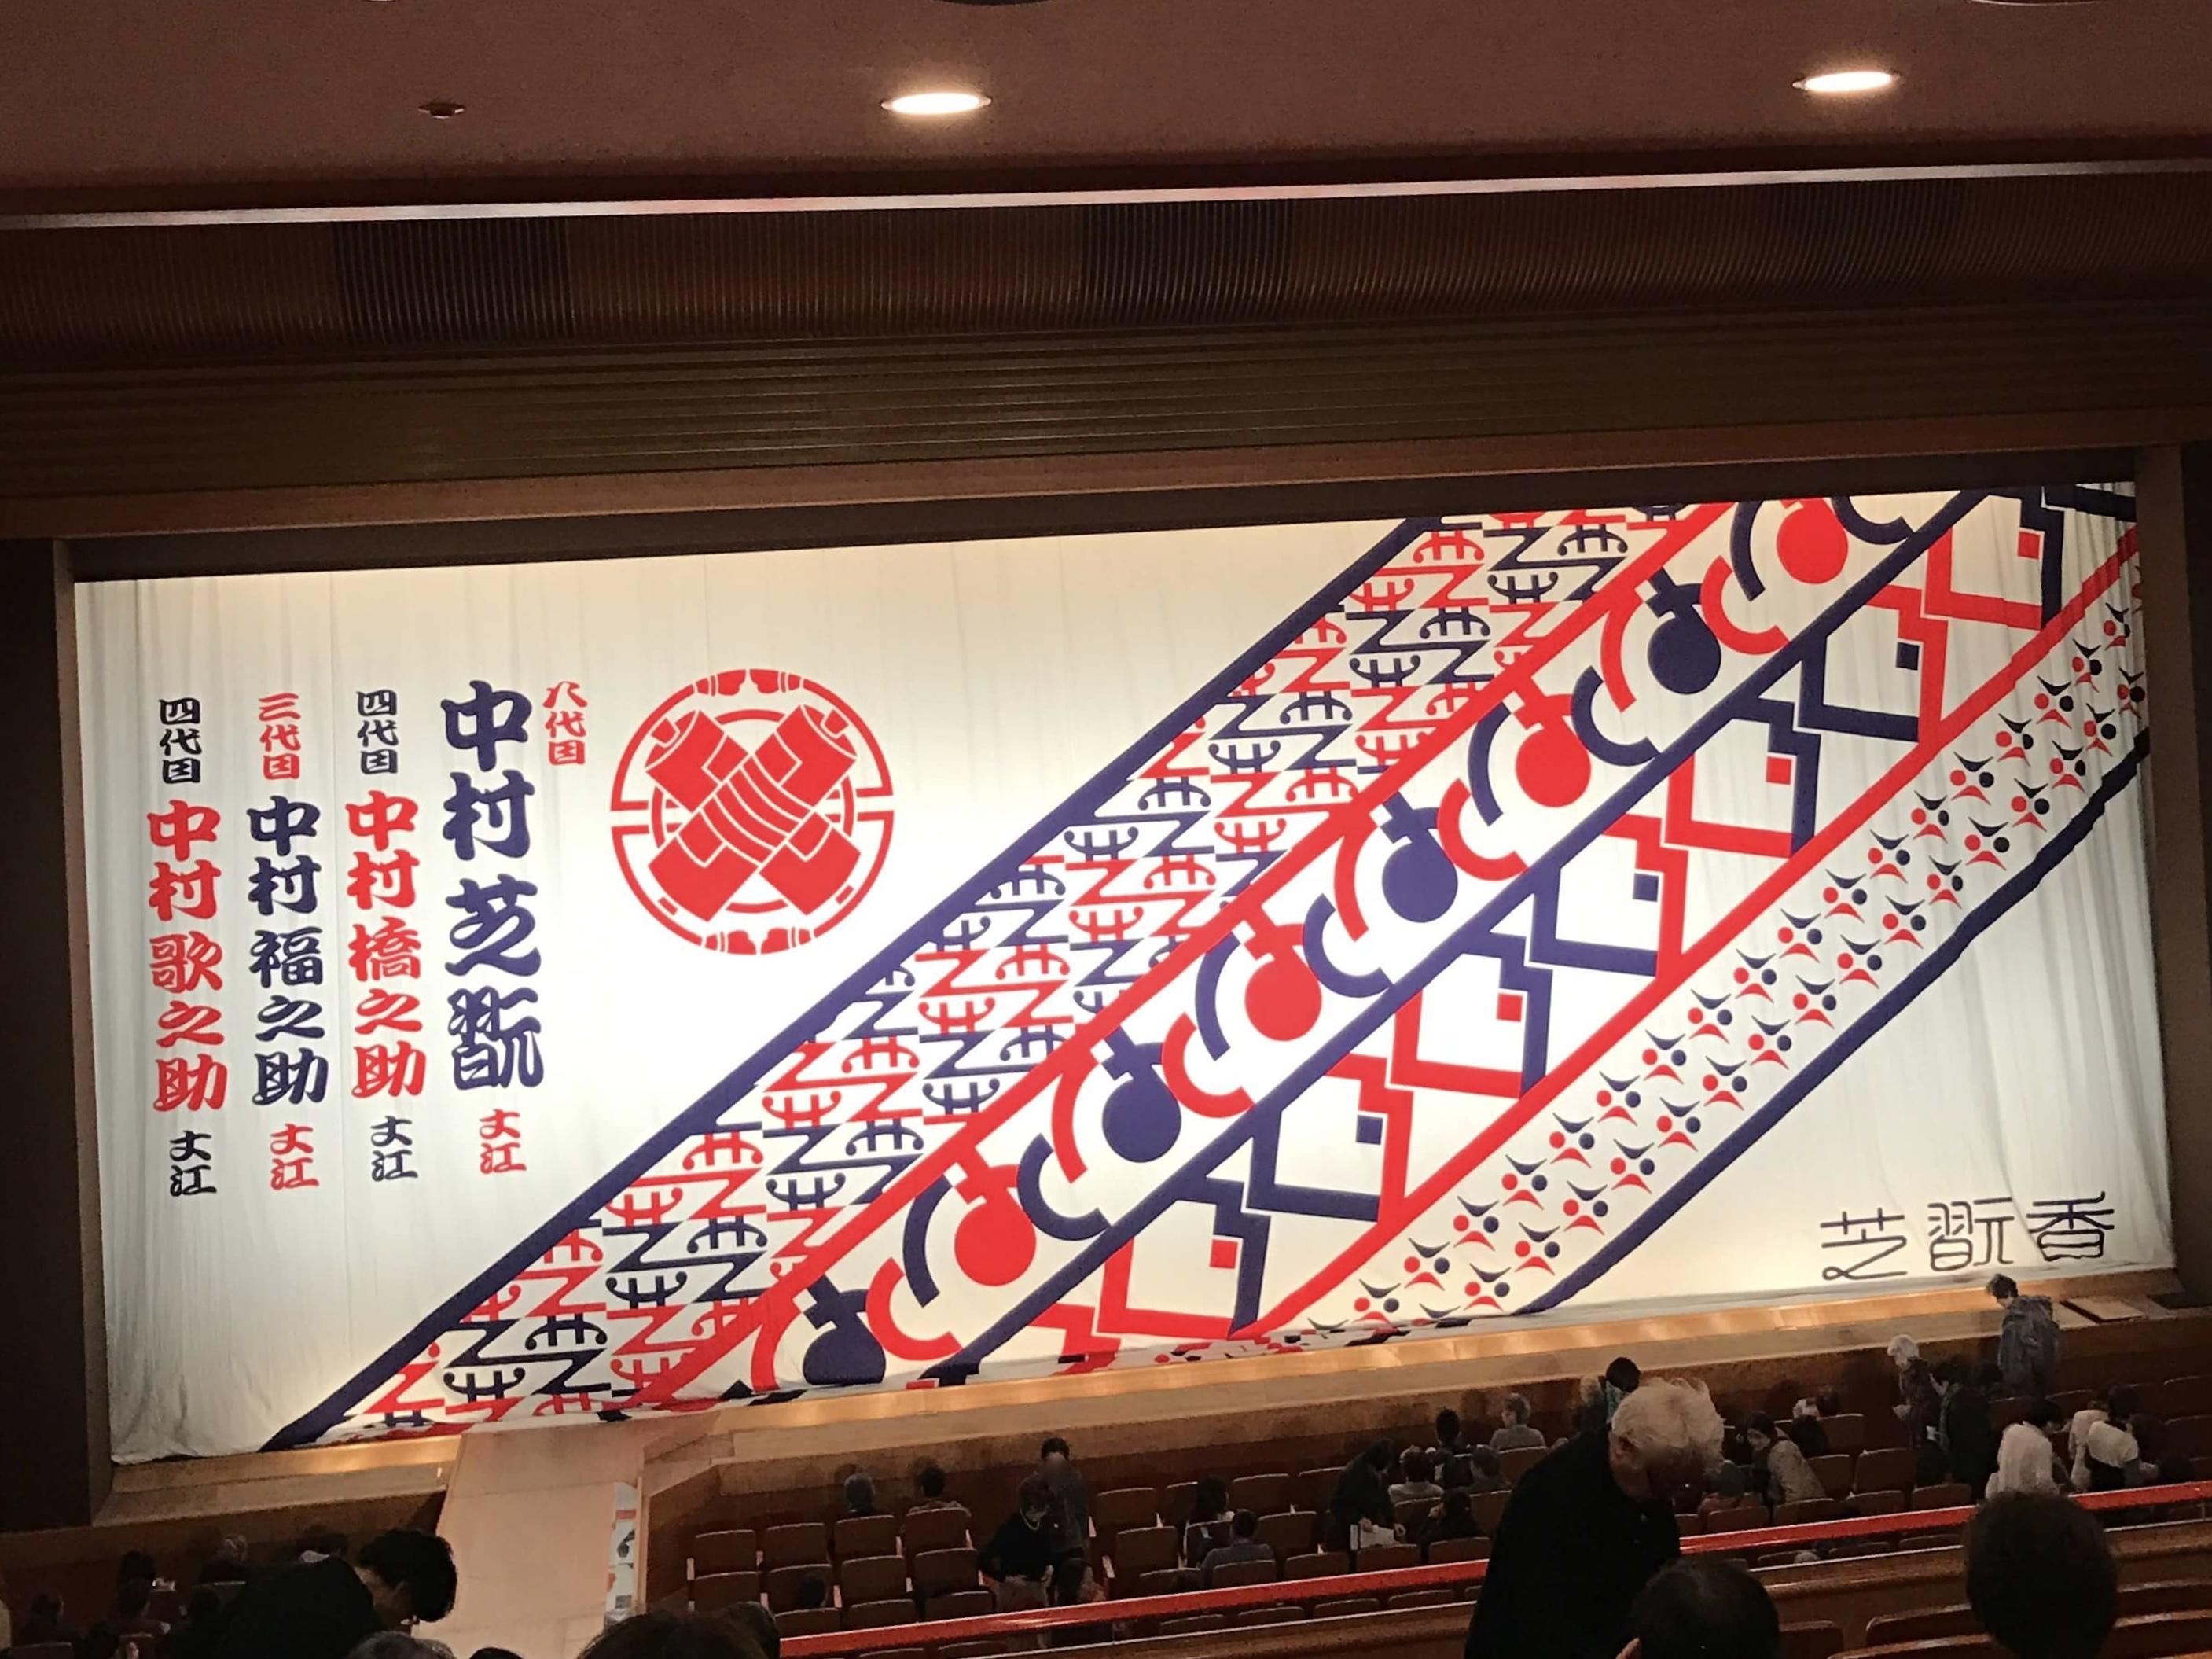 寒い日の歌舞伎観劇は、あったかダウンとニットワンピースで。_1_3-1